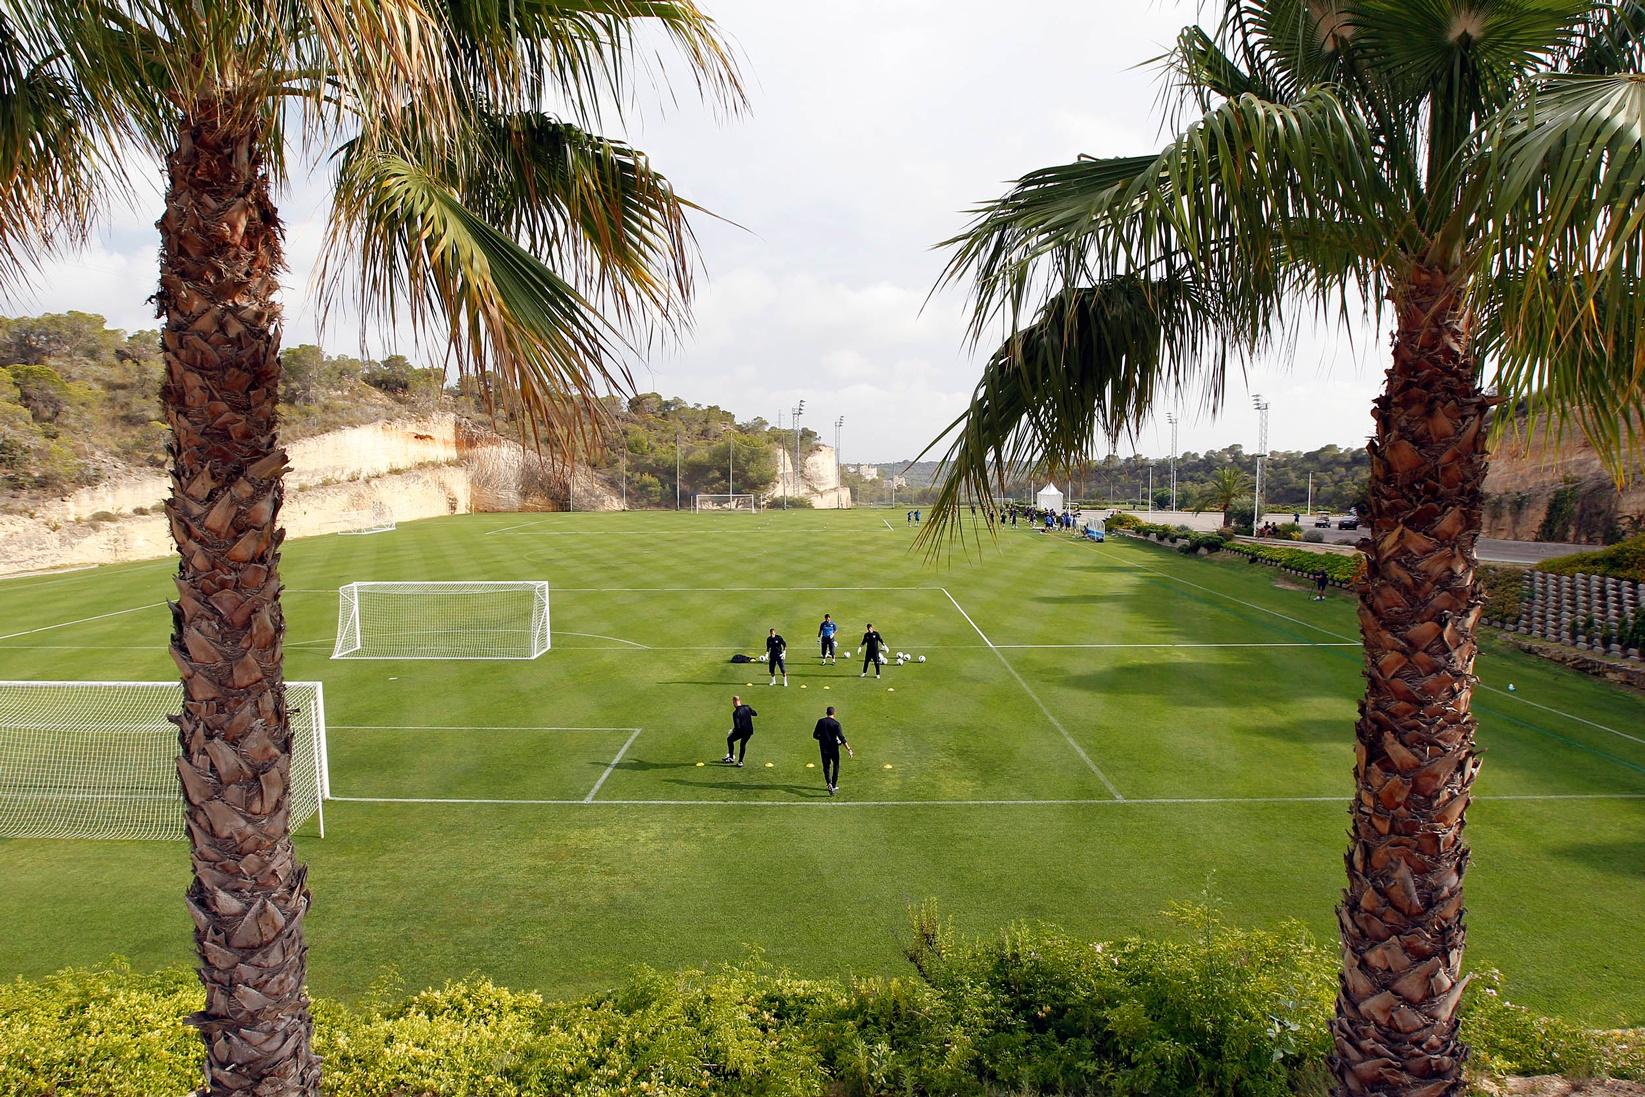 Football pitch n 1